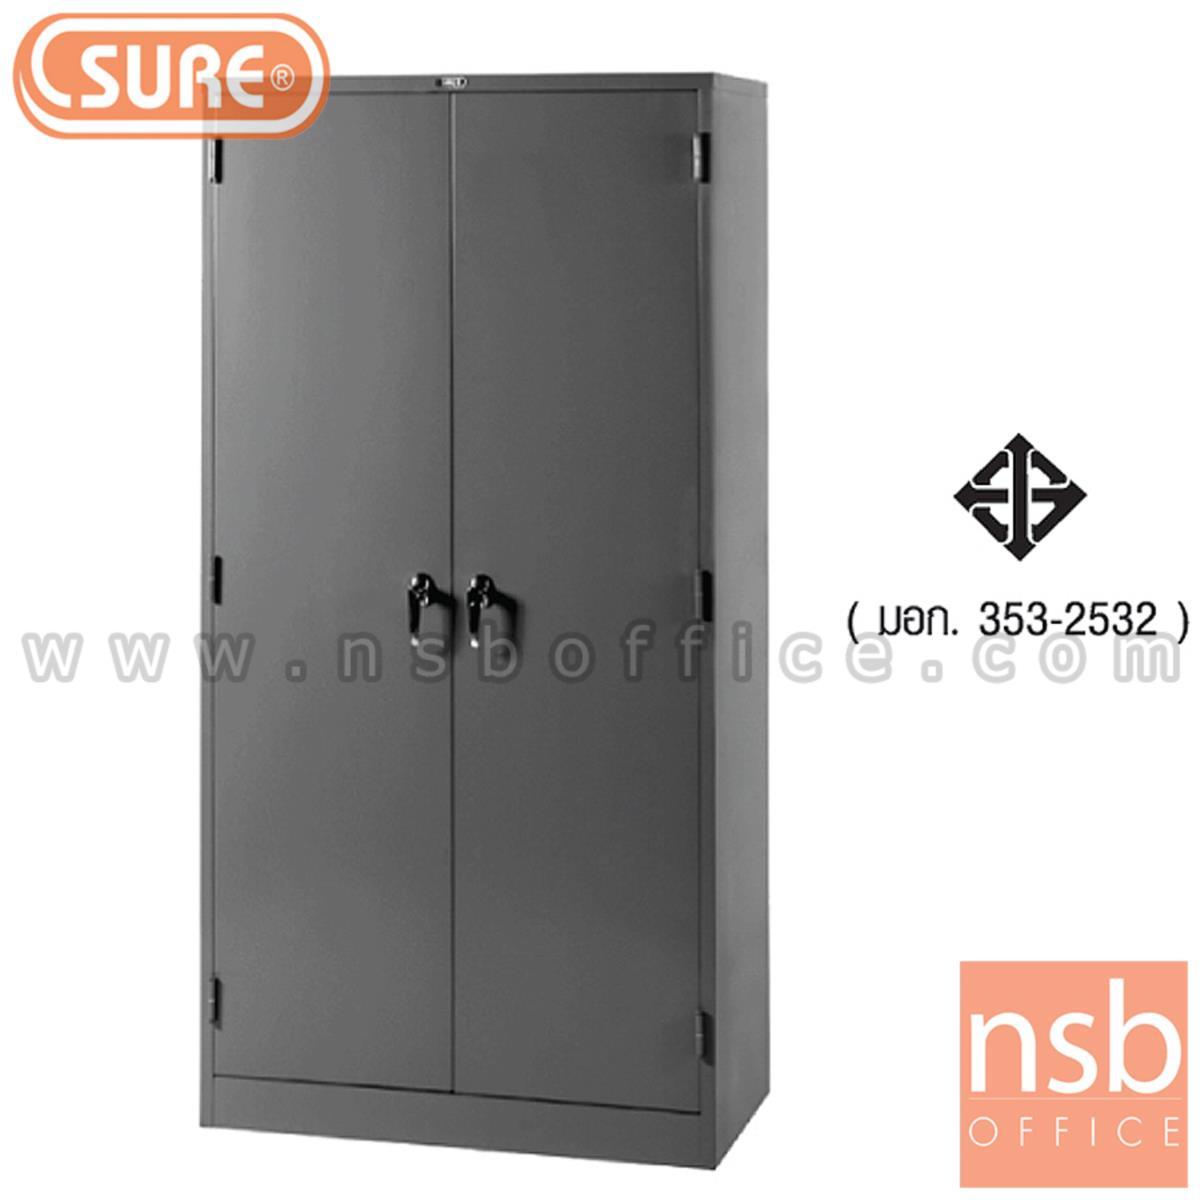 E04A016:ตู้ 2 บานเปิด มือจับเขาควาย มี มอก. รุ่น LK-11